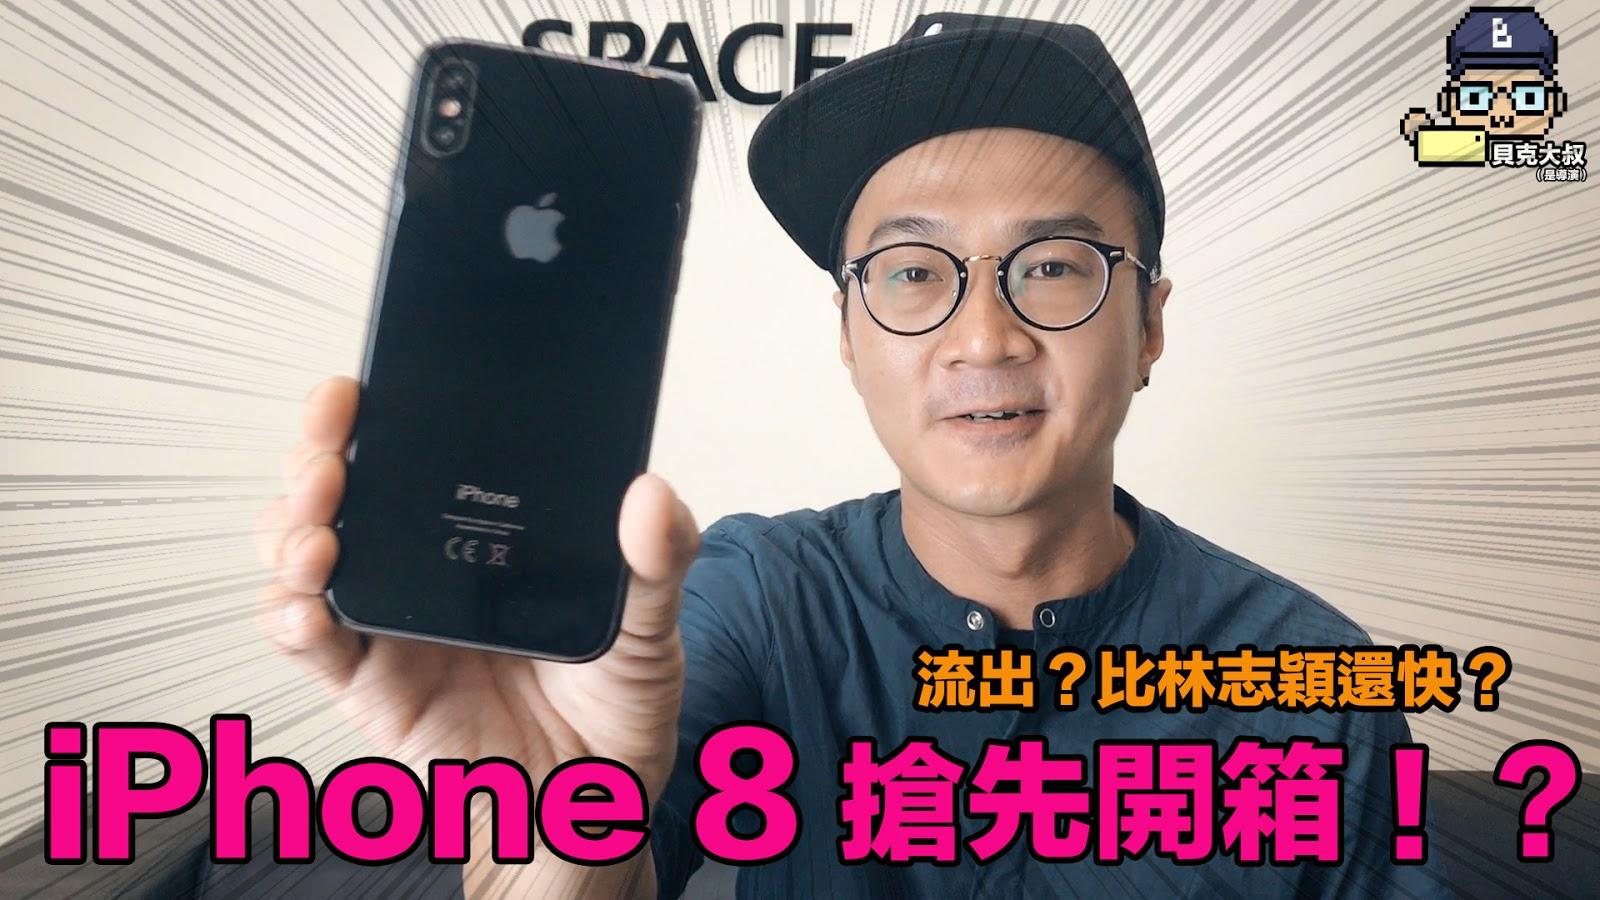 iPhone8流出?iPhone8搶先開箱?!